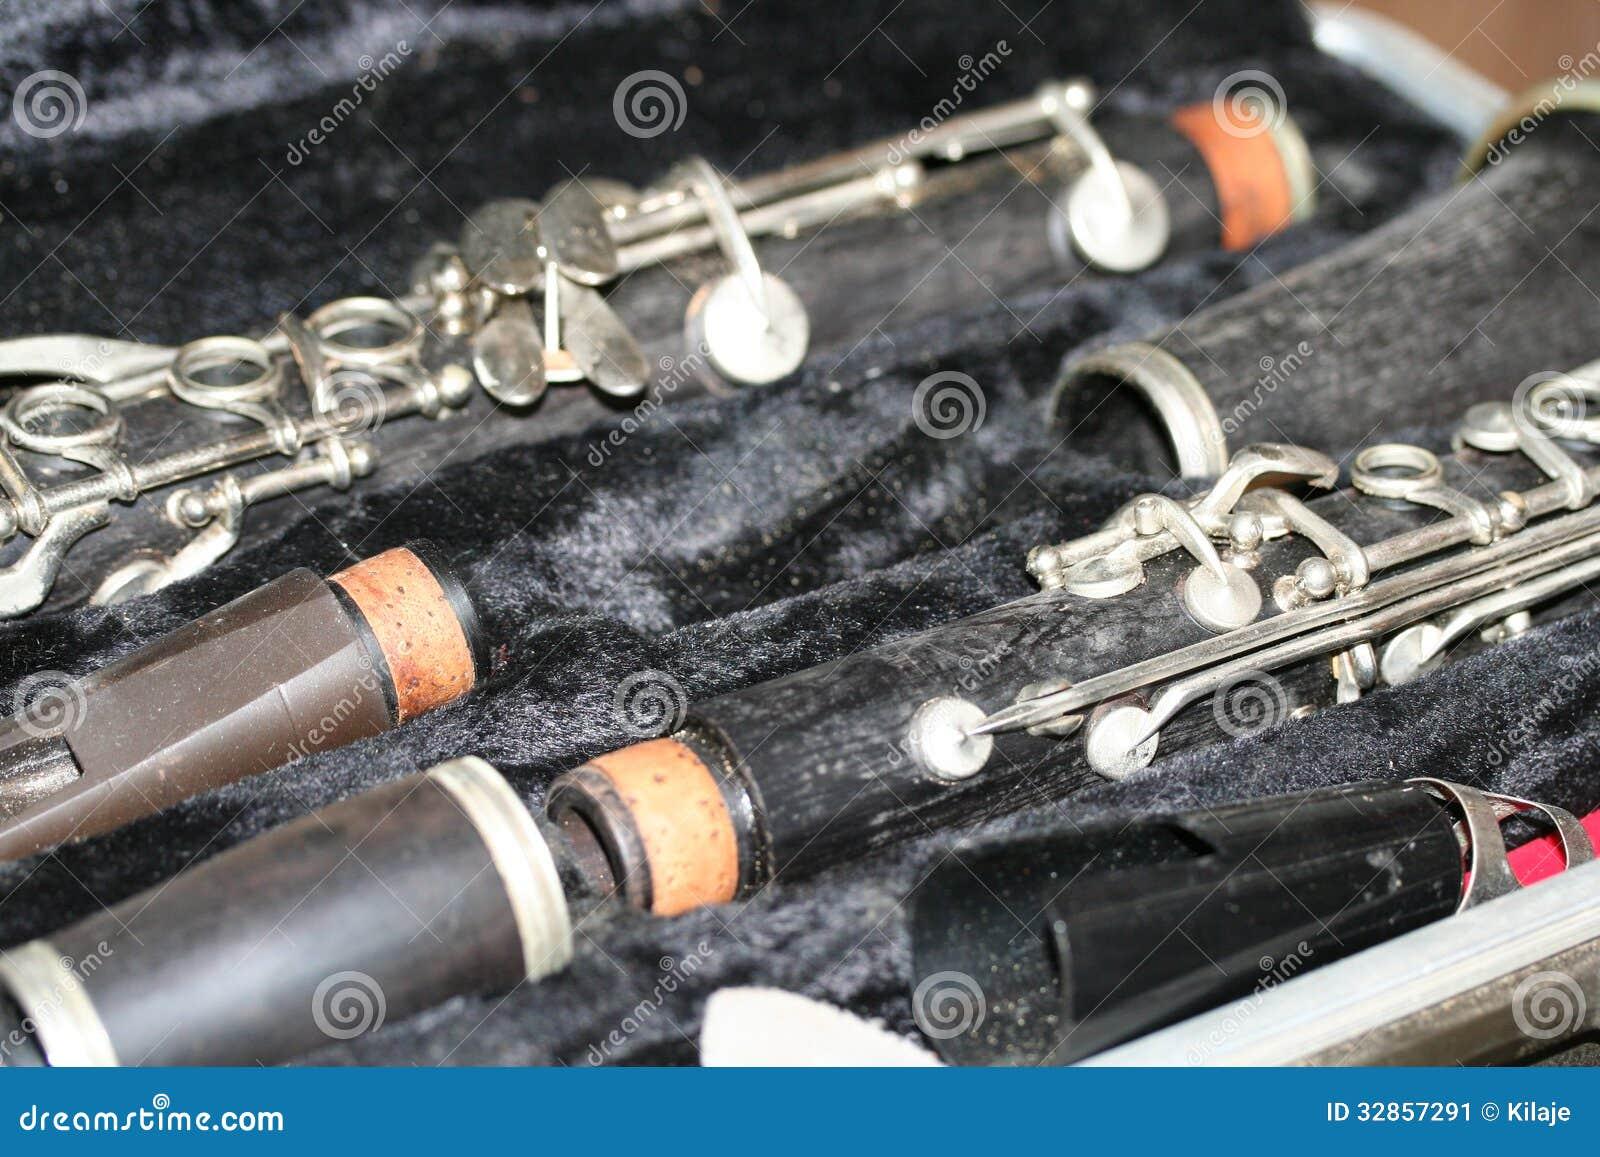 Dusty Clarinet